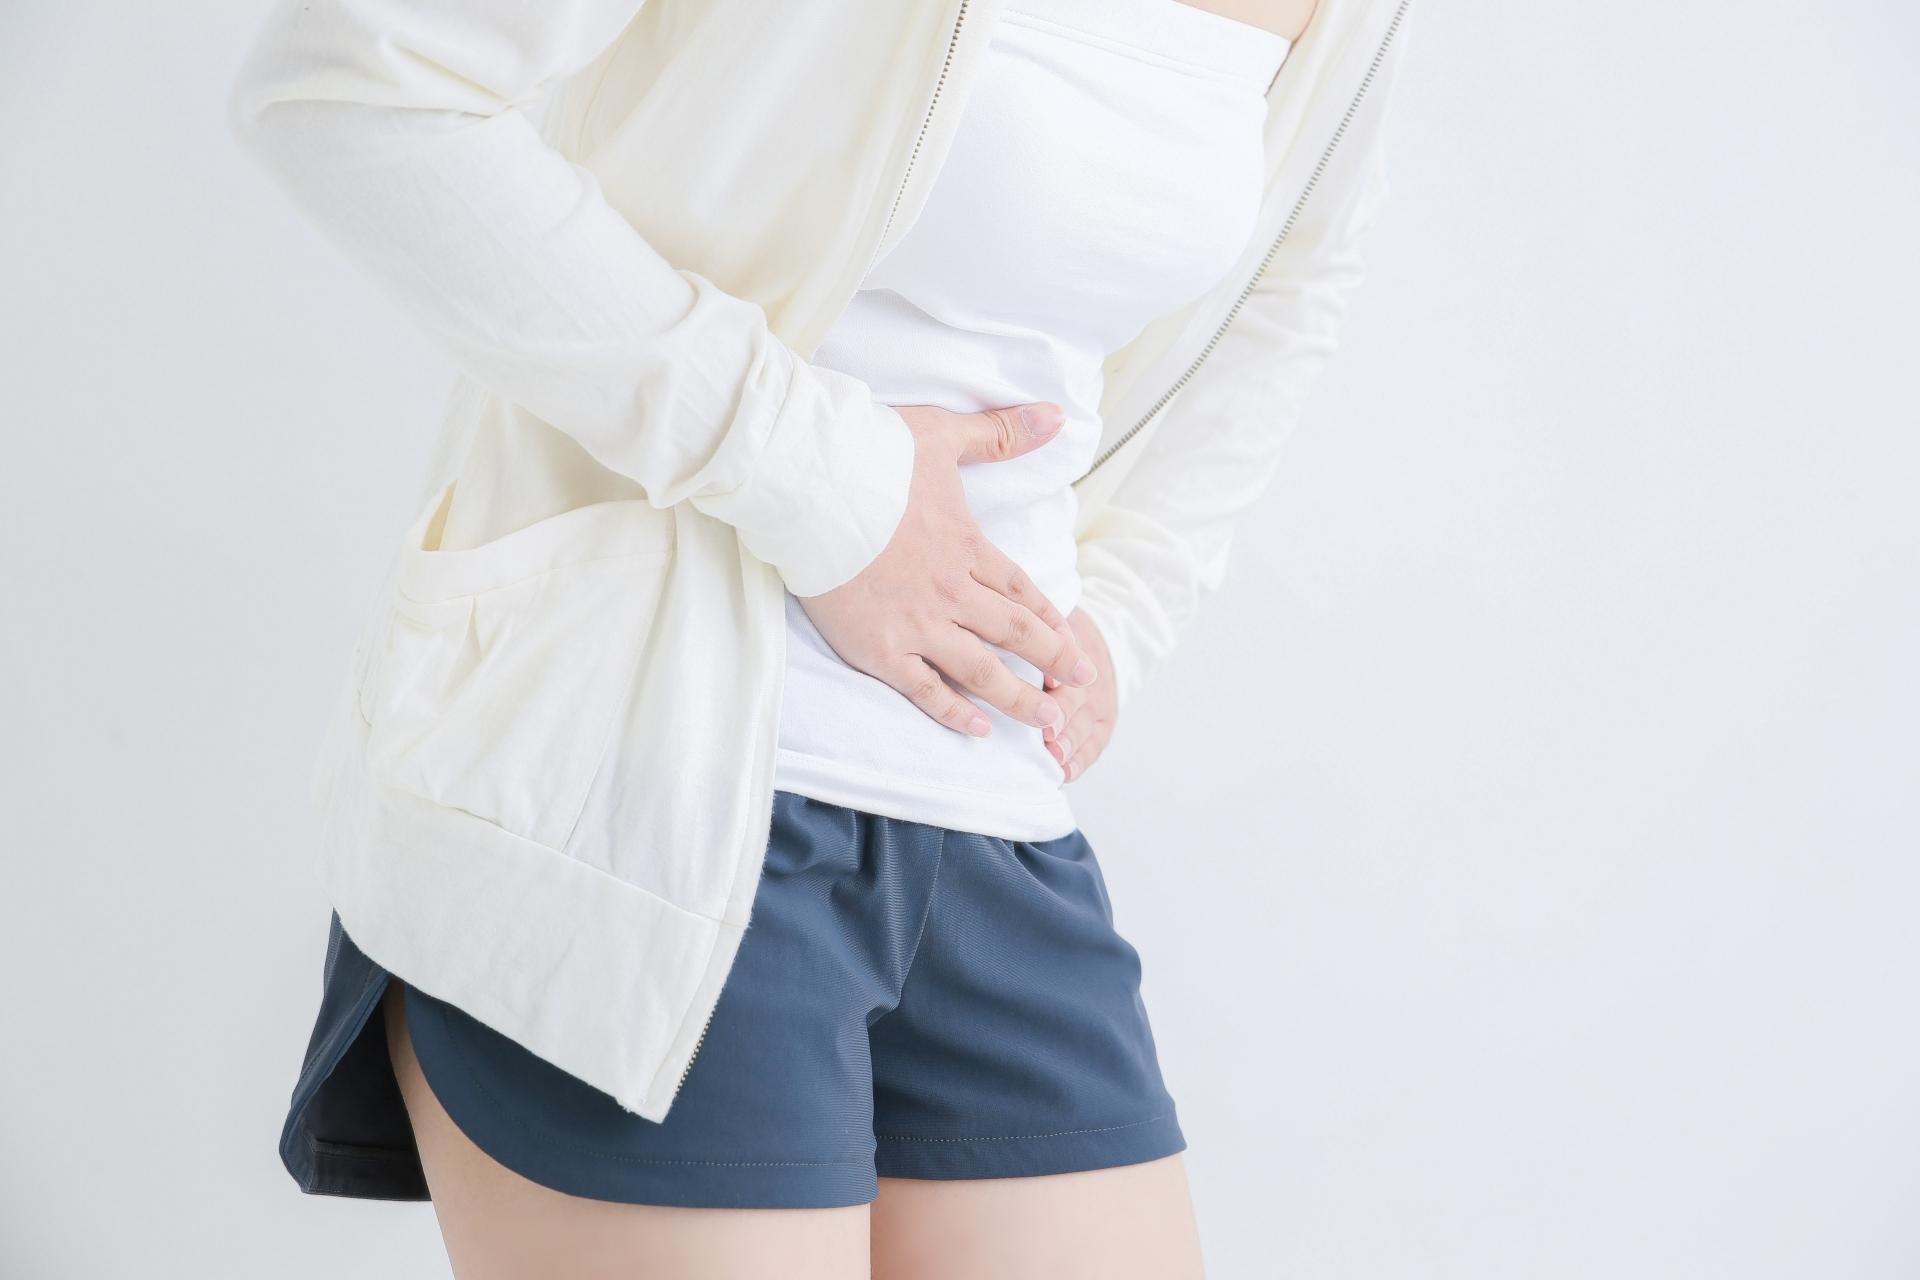 婦人科疾患でお腹が痛い女性